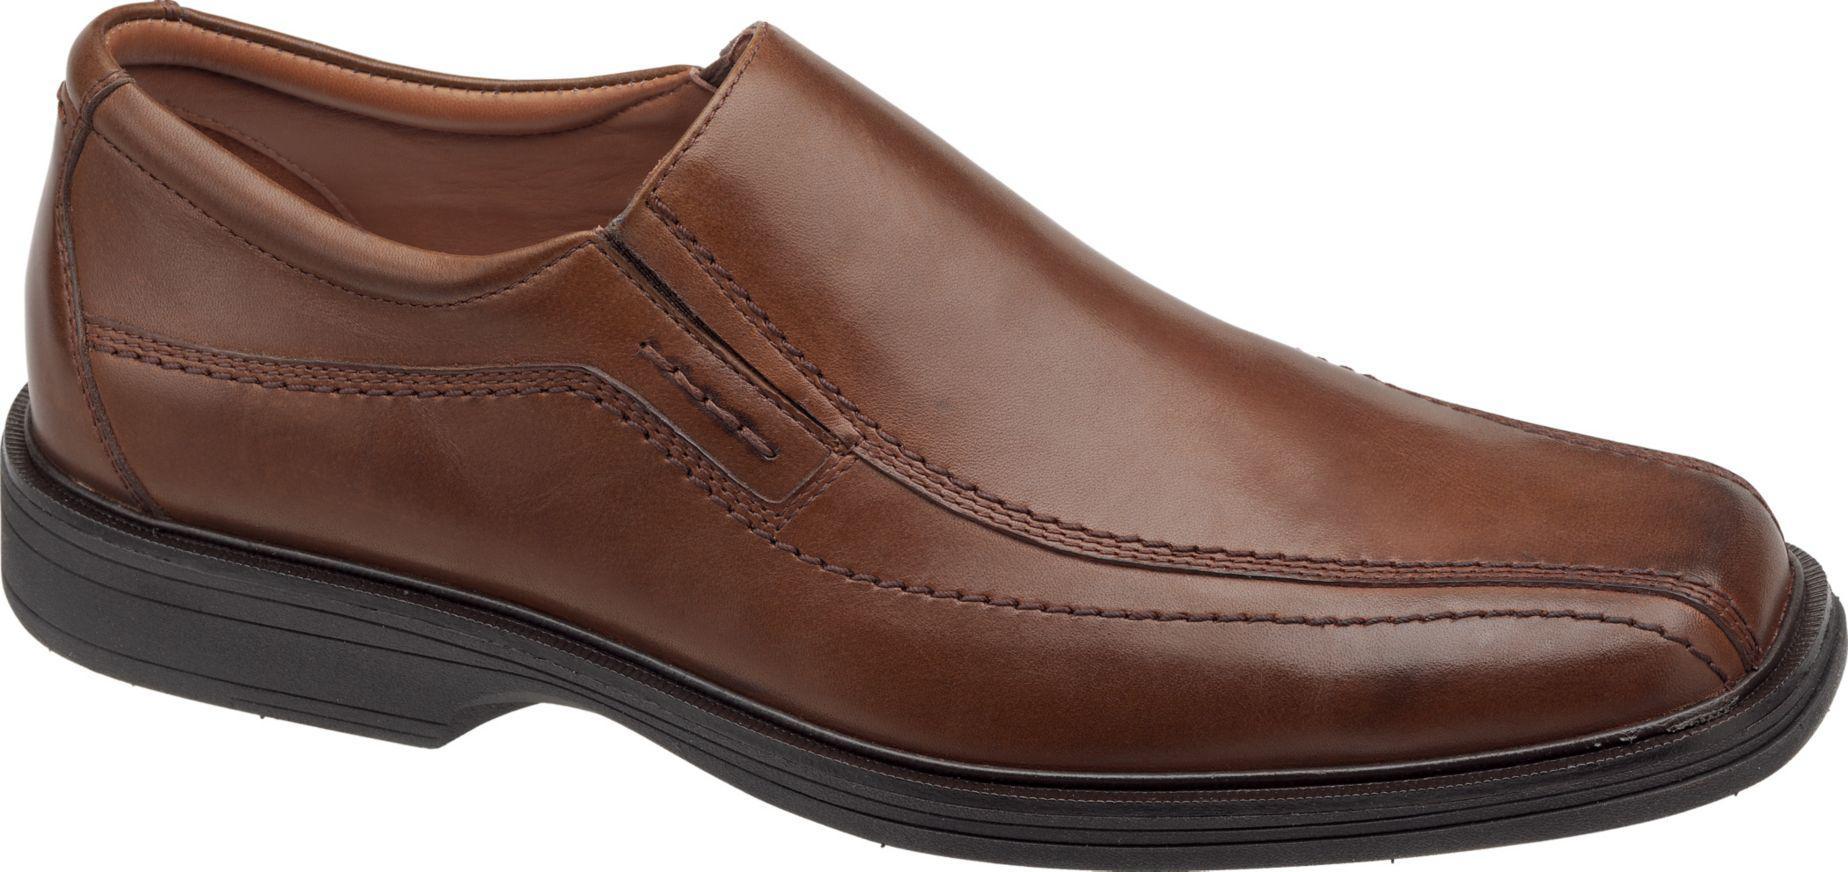 Johnston Murphy Penn Slip On Shoes